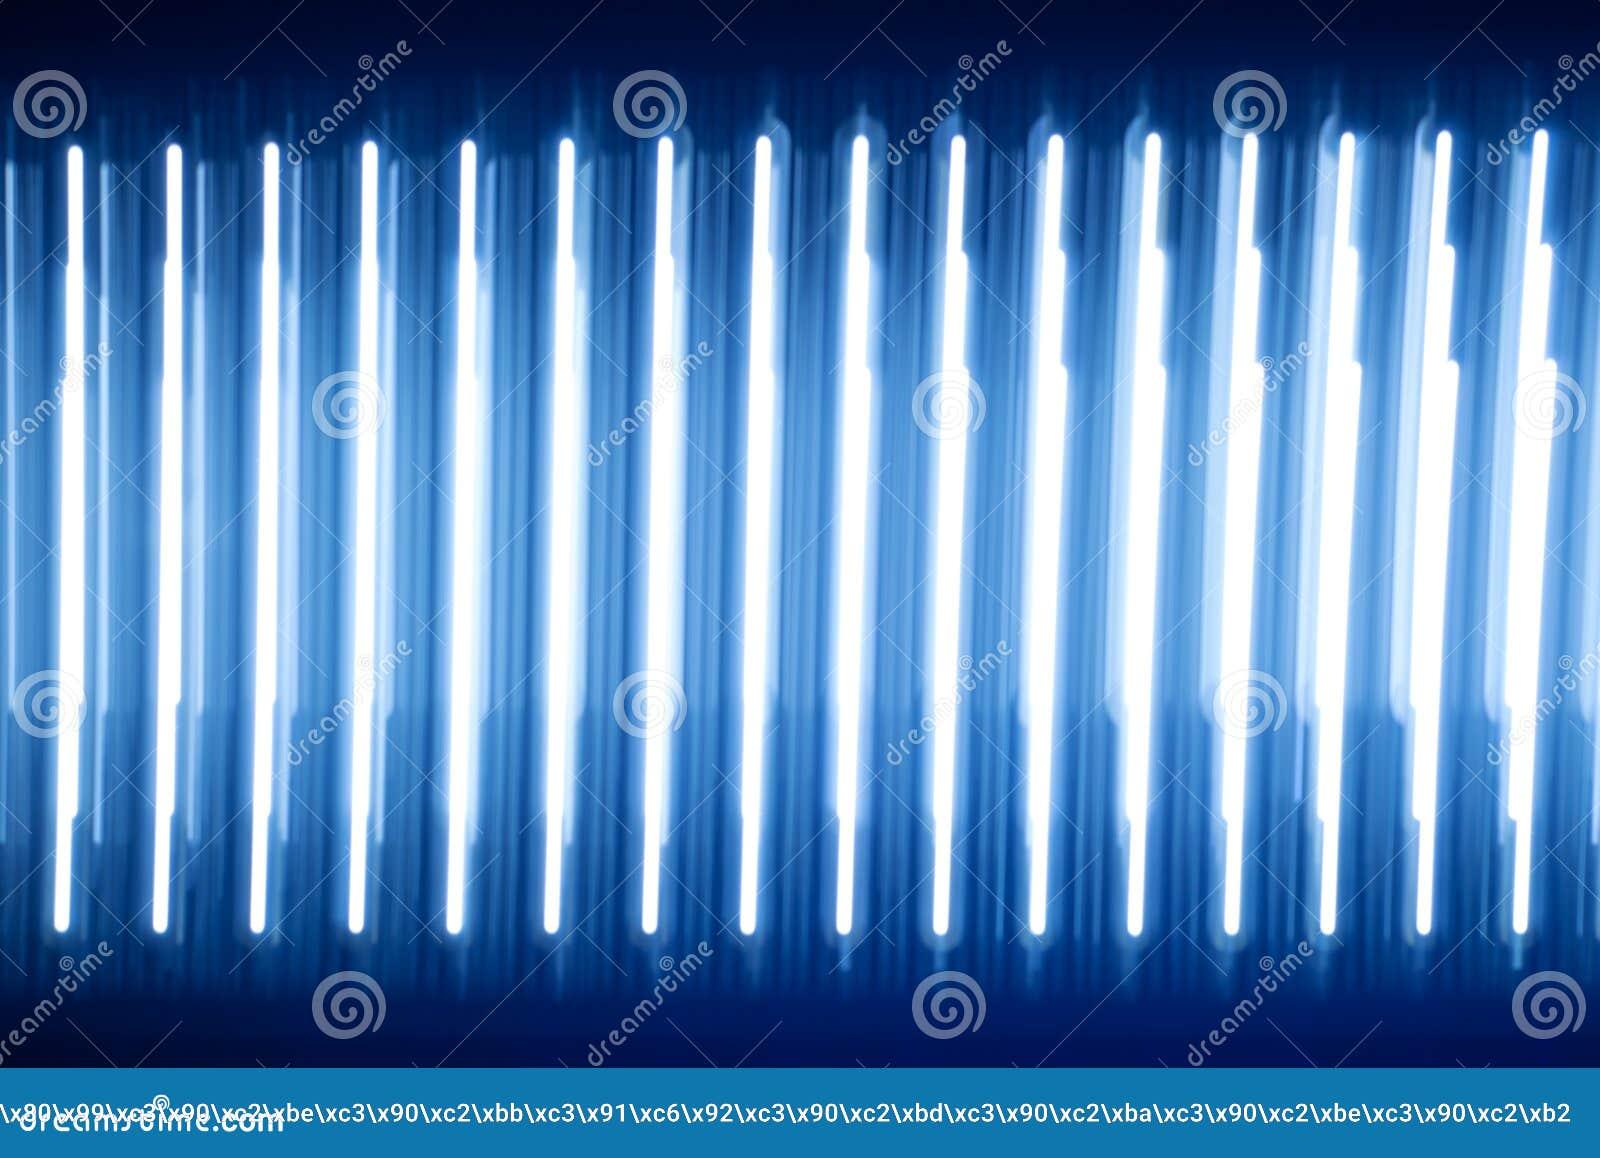 Light Vs Dark Wallpaper